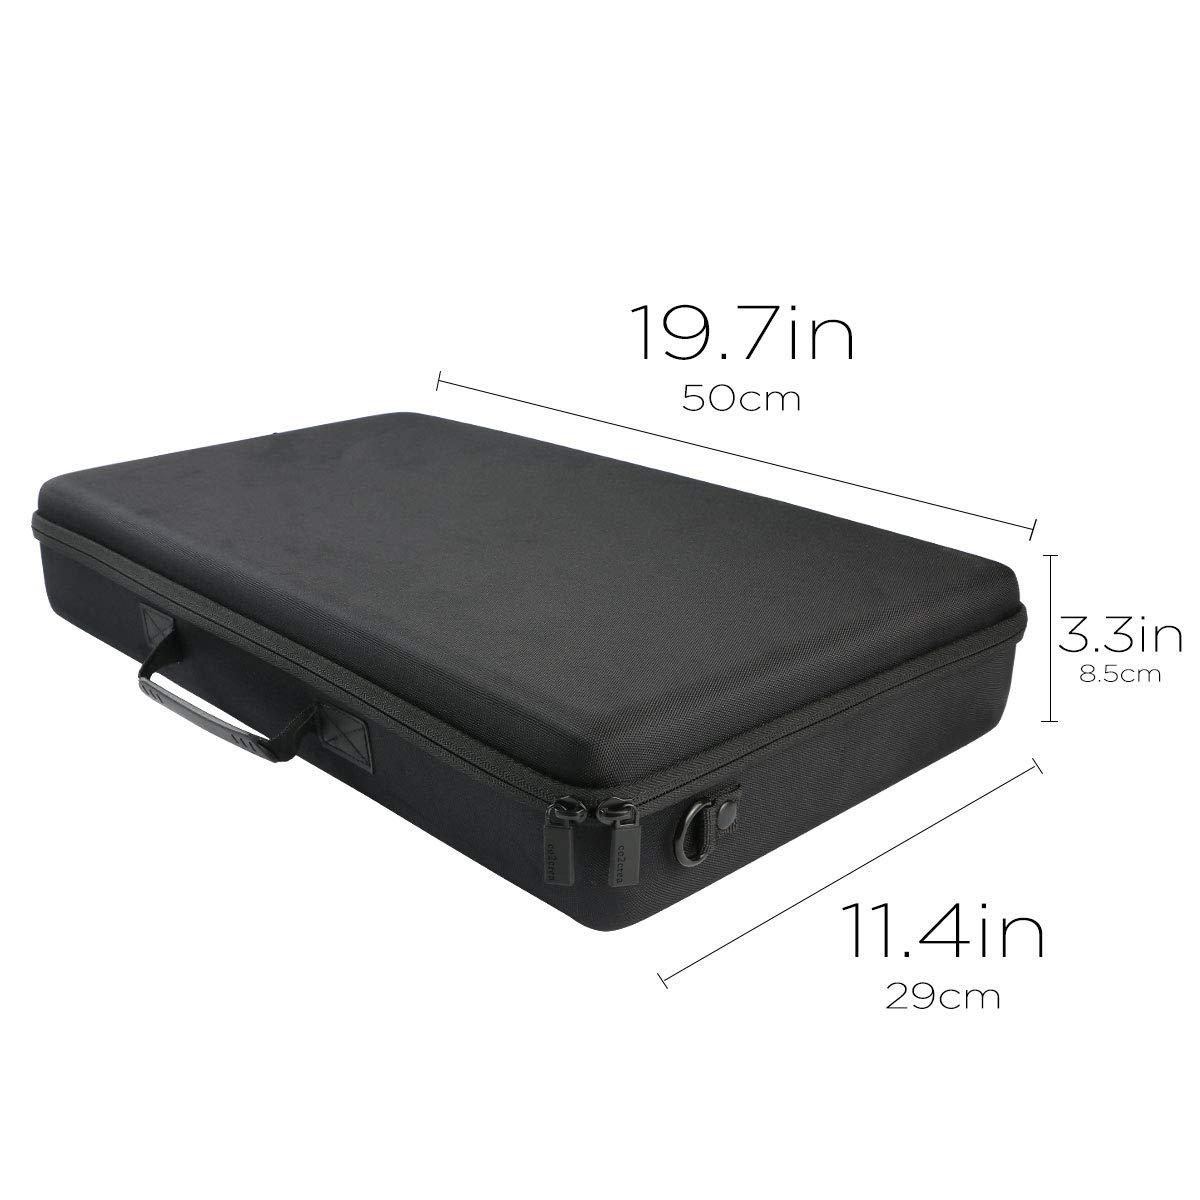 co2crea Hard Travel Case for Nektar Impact LX25+ Premium Midi Controller by co2crea (Image #4)